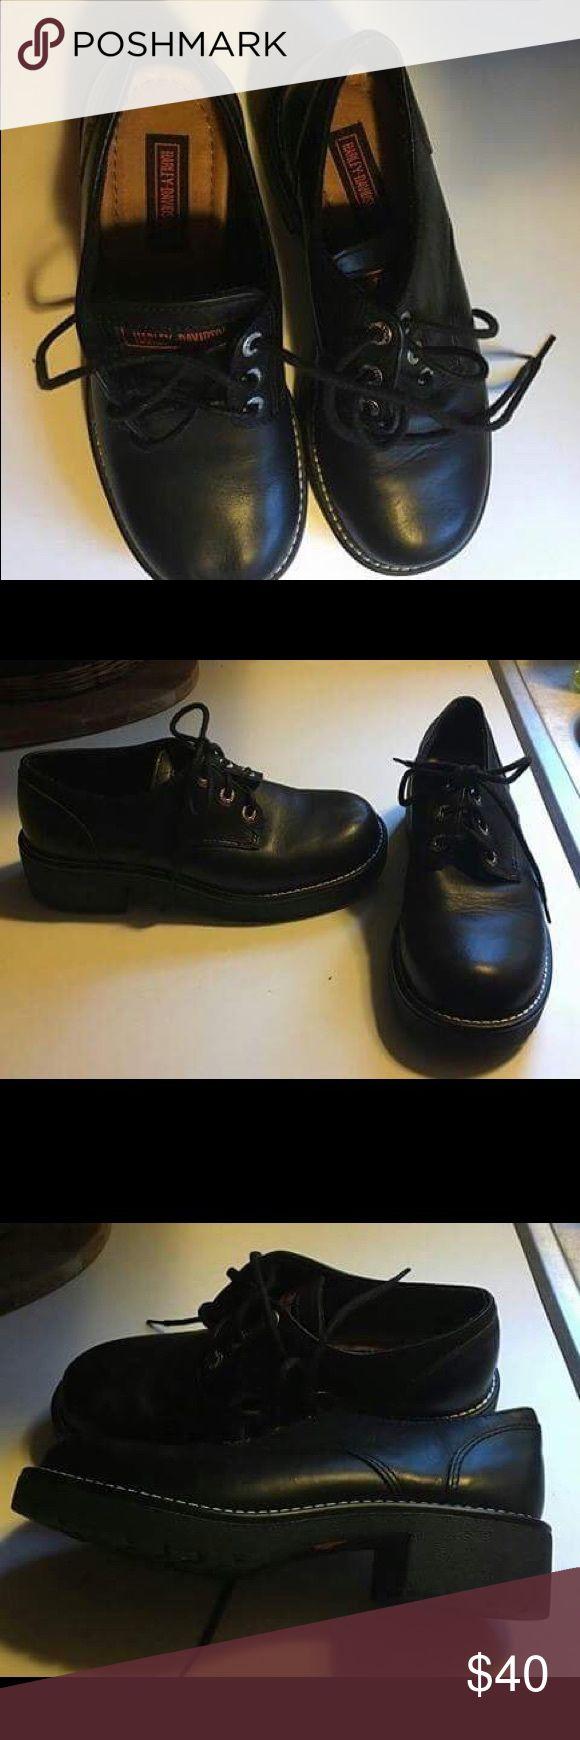 Harley Davidson Shoes Never Worn Harley-Davidson Shoes Heeled Boots